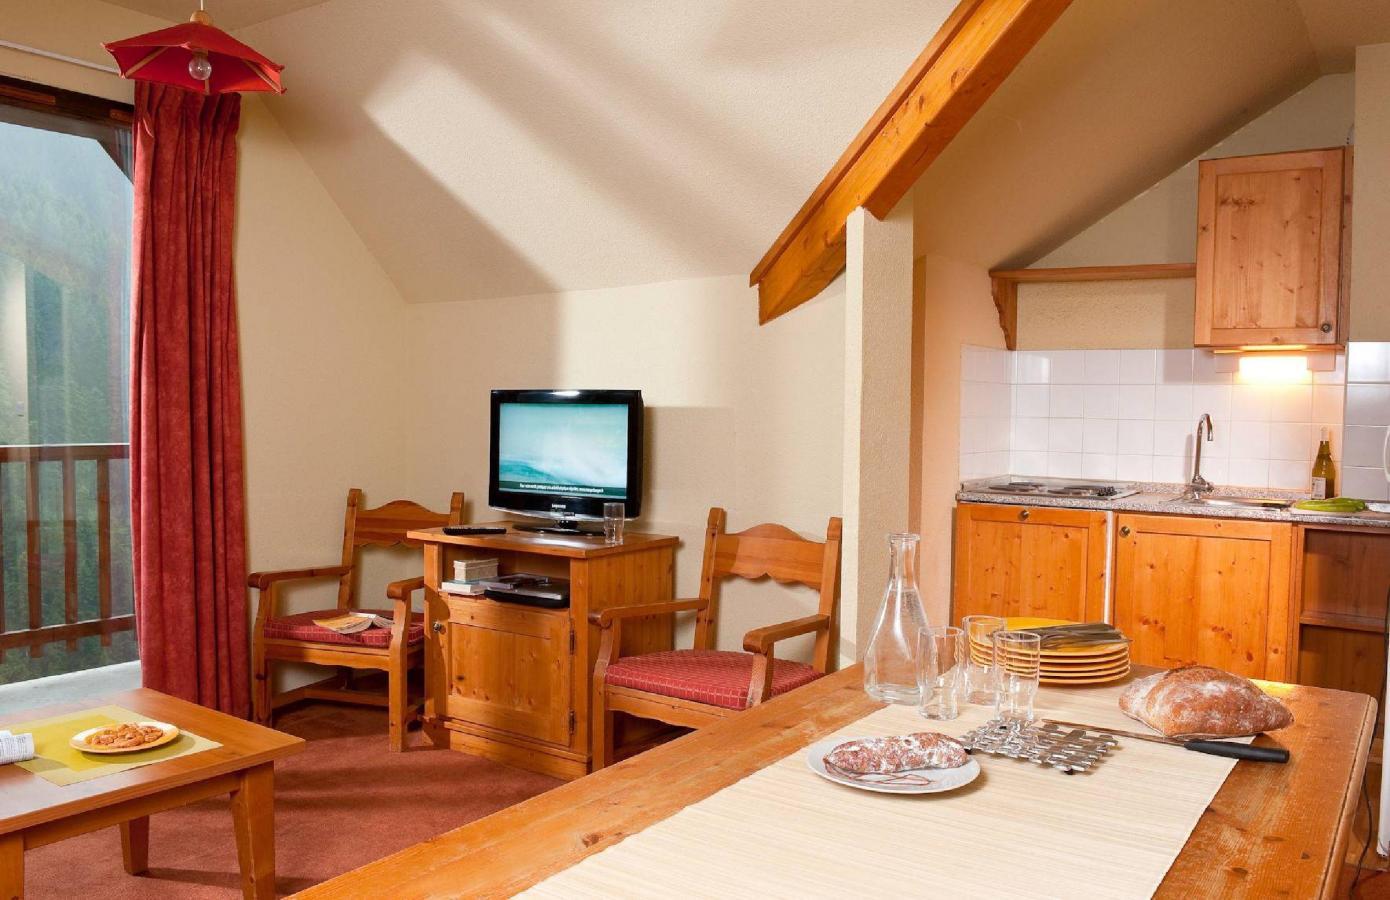 Location au ski Les Chalets Du Thabor - Valfréjus - Séjour